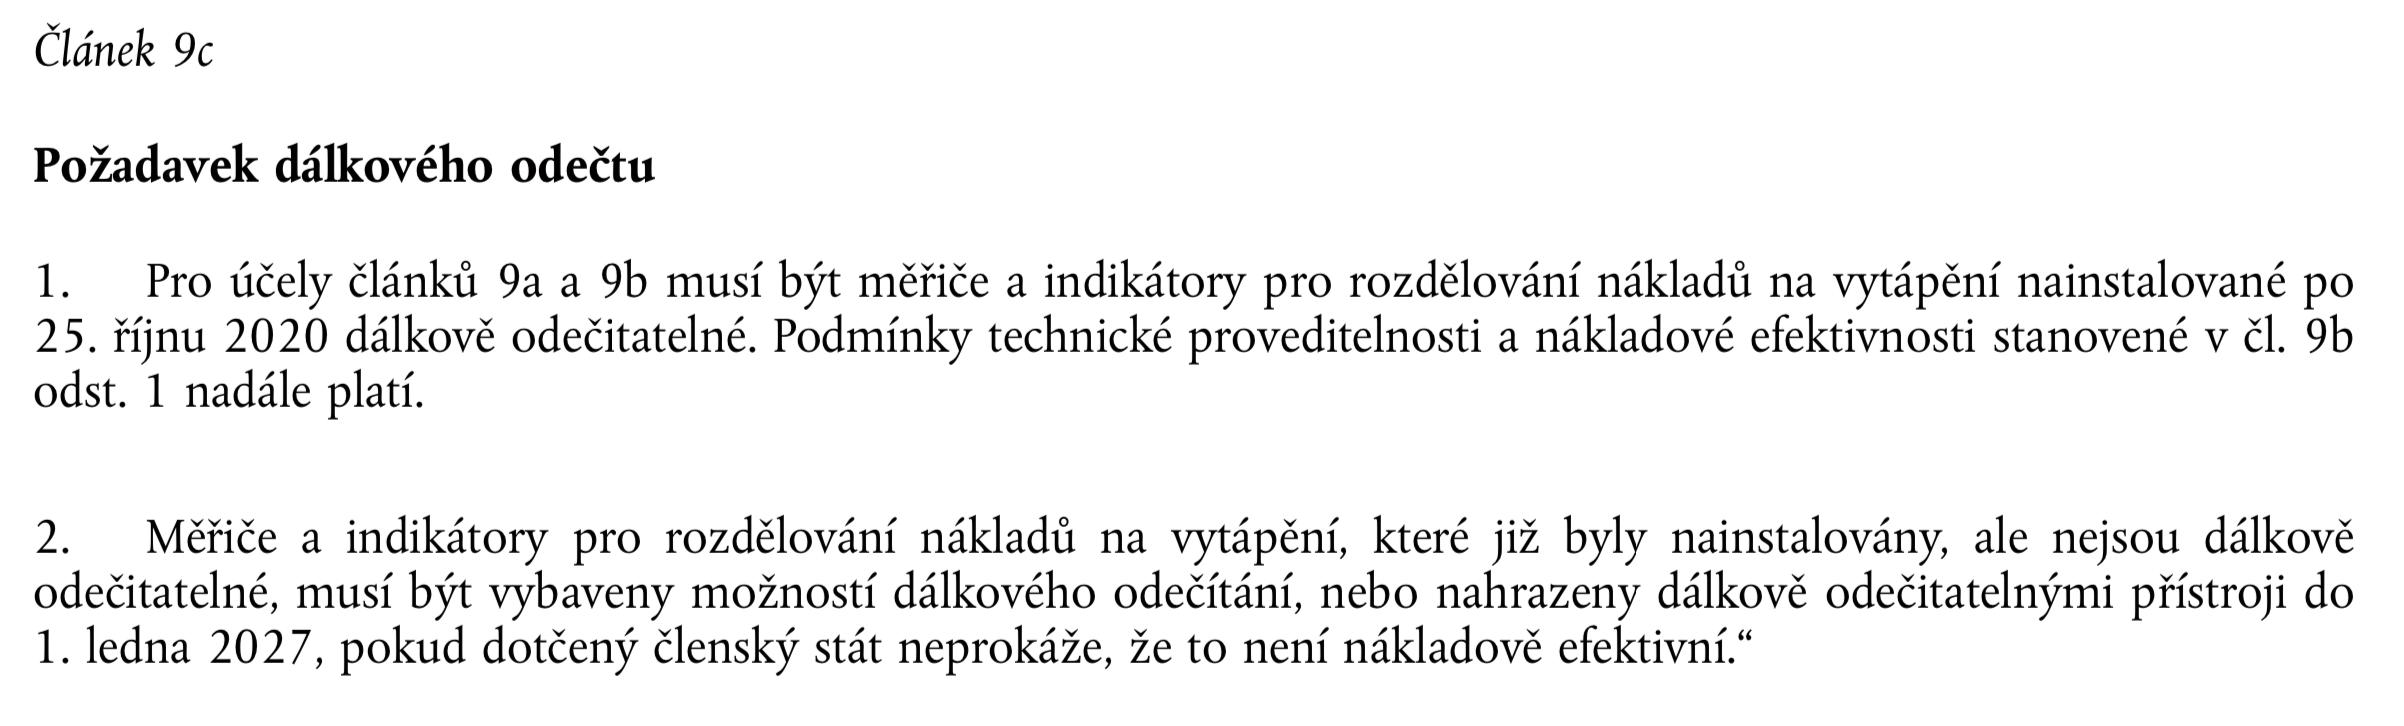 směrnice 2018/2002 dálkové odečty